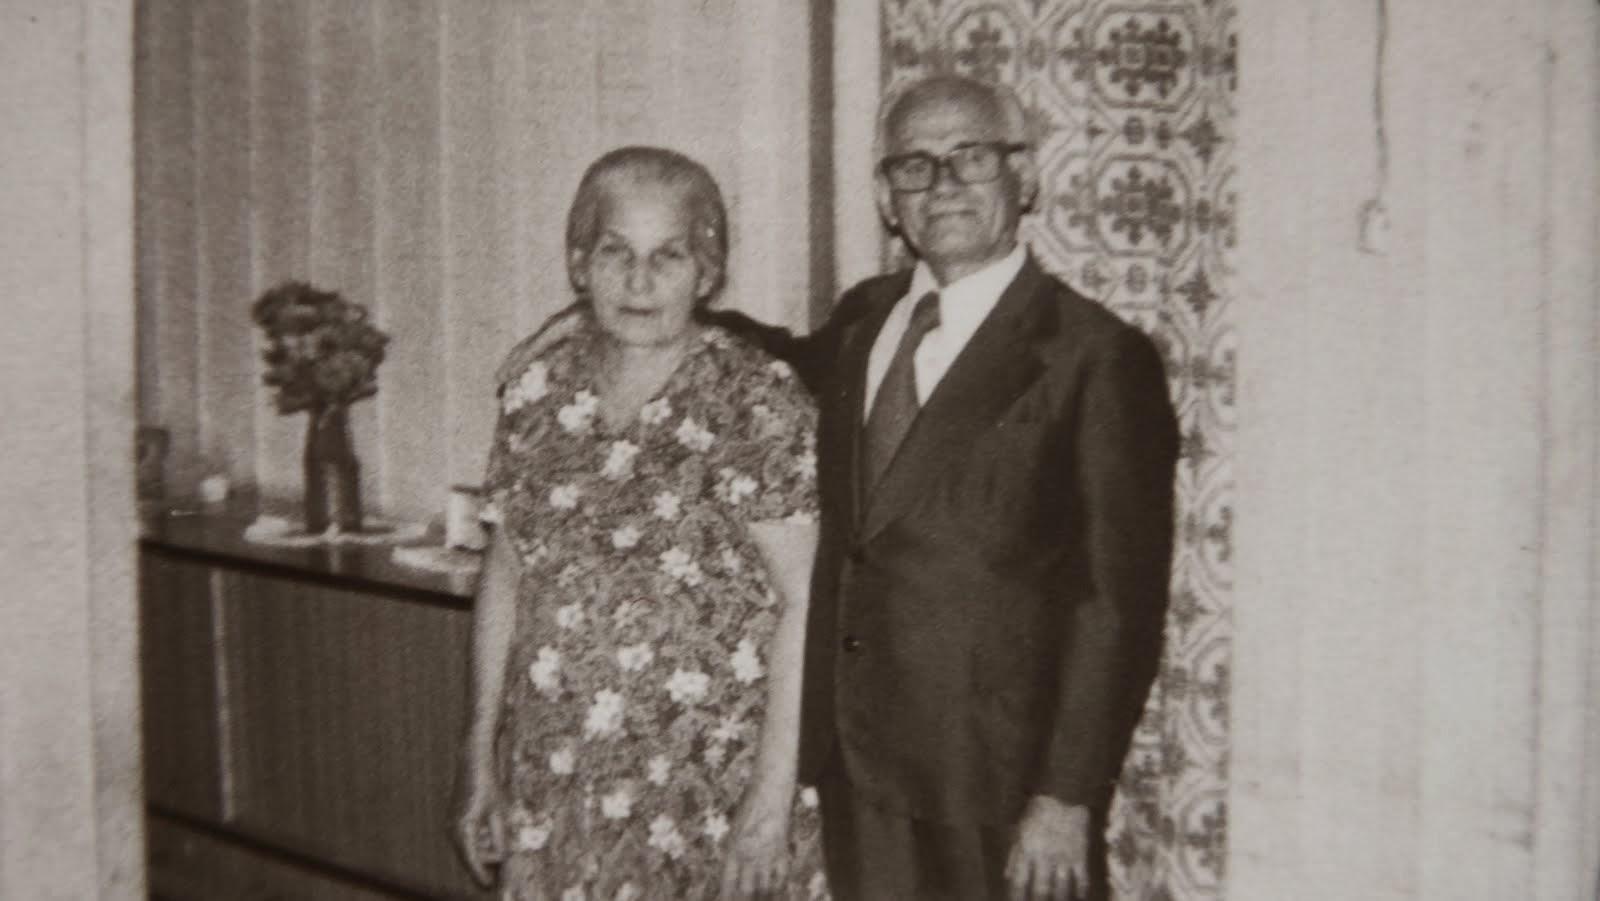 meus pais,juca e nina (in memorian)